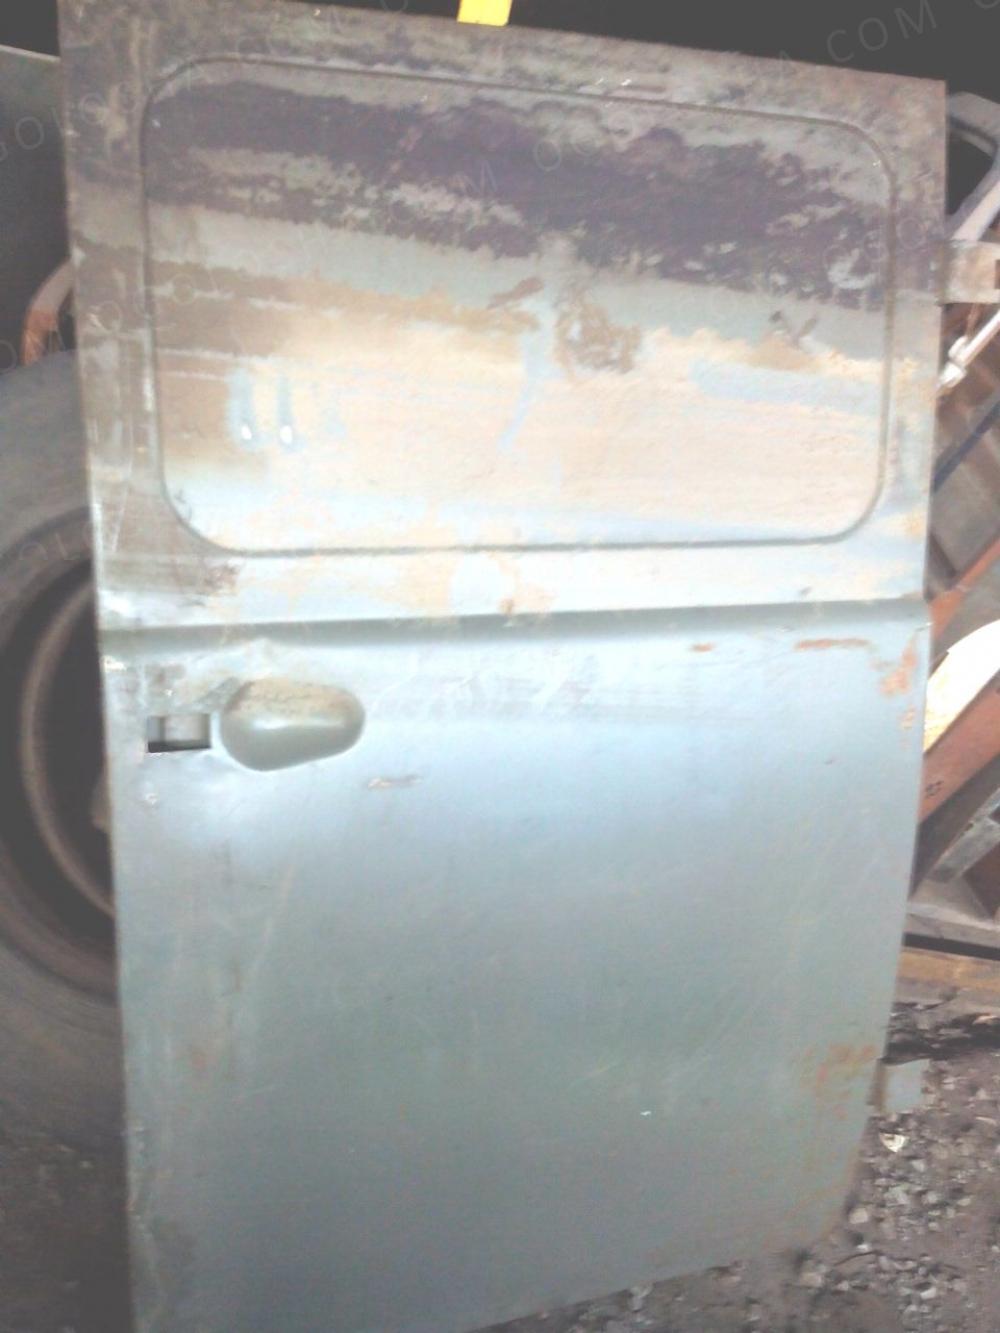 Продам в Полтаве двери  боковые УАЗ-451 (булка) , отсека салона, грунтованные, 451-6200014.